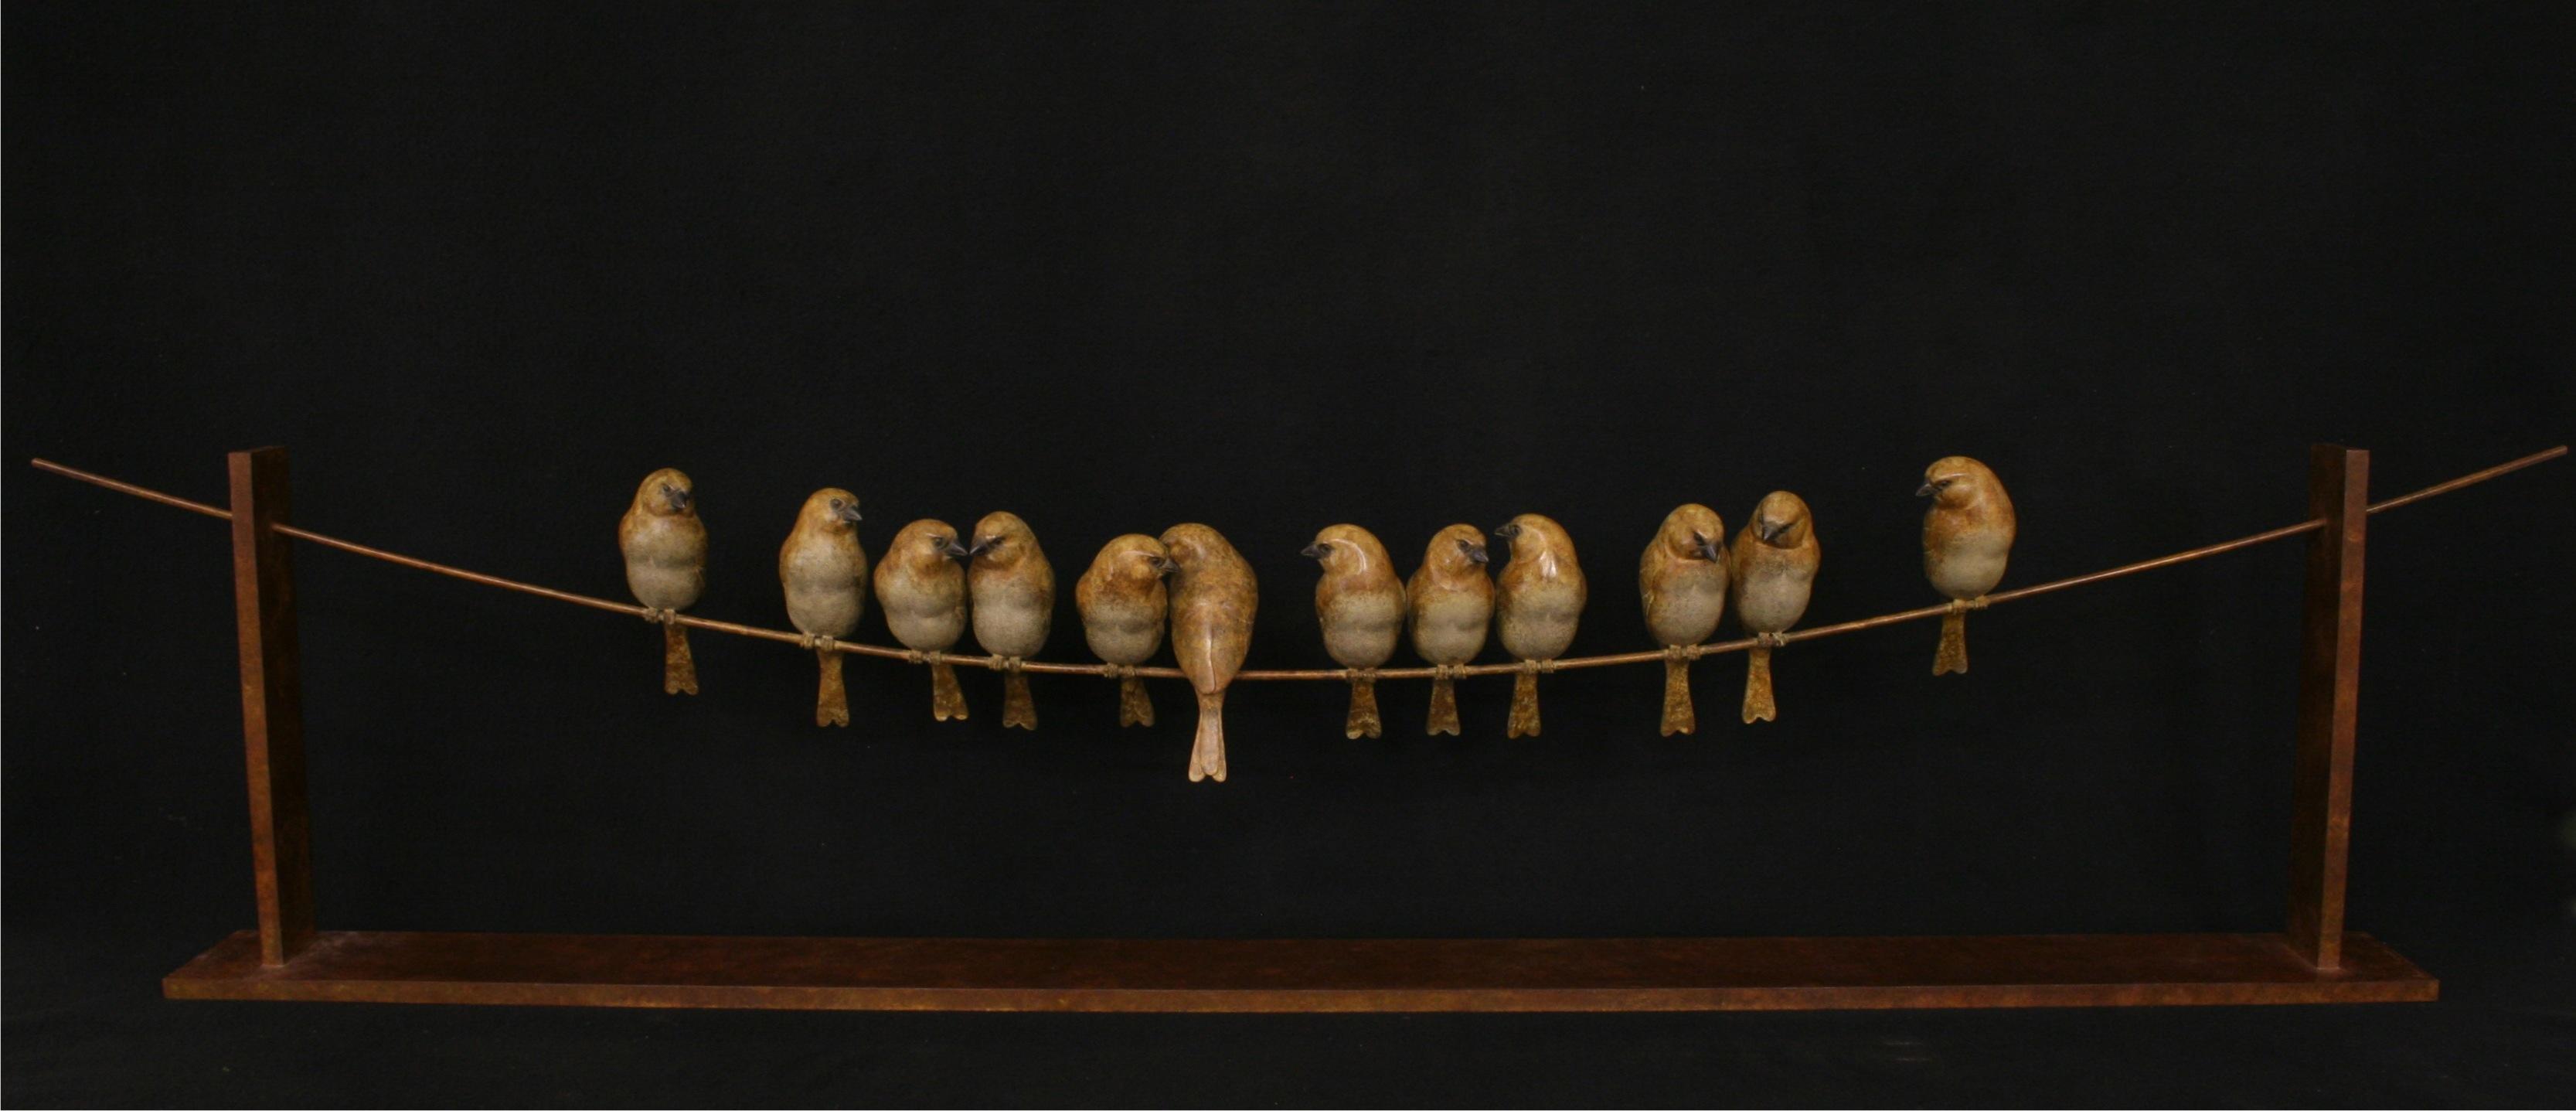 12 Sparrows